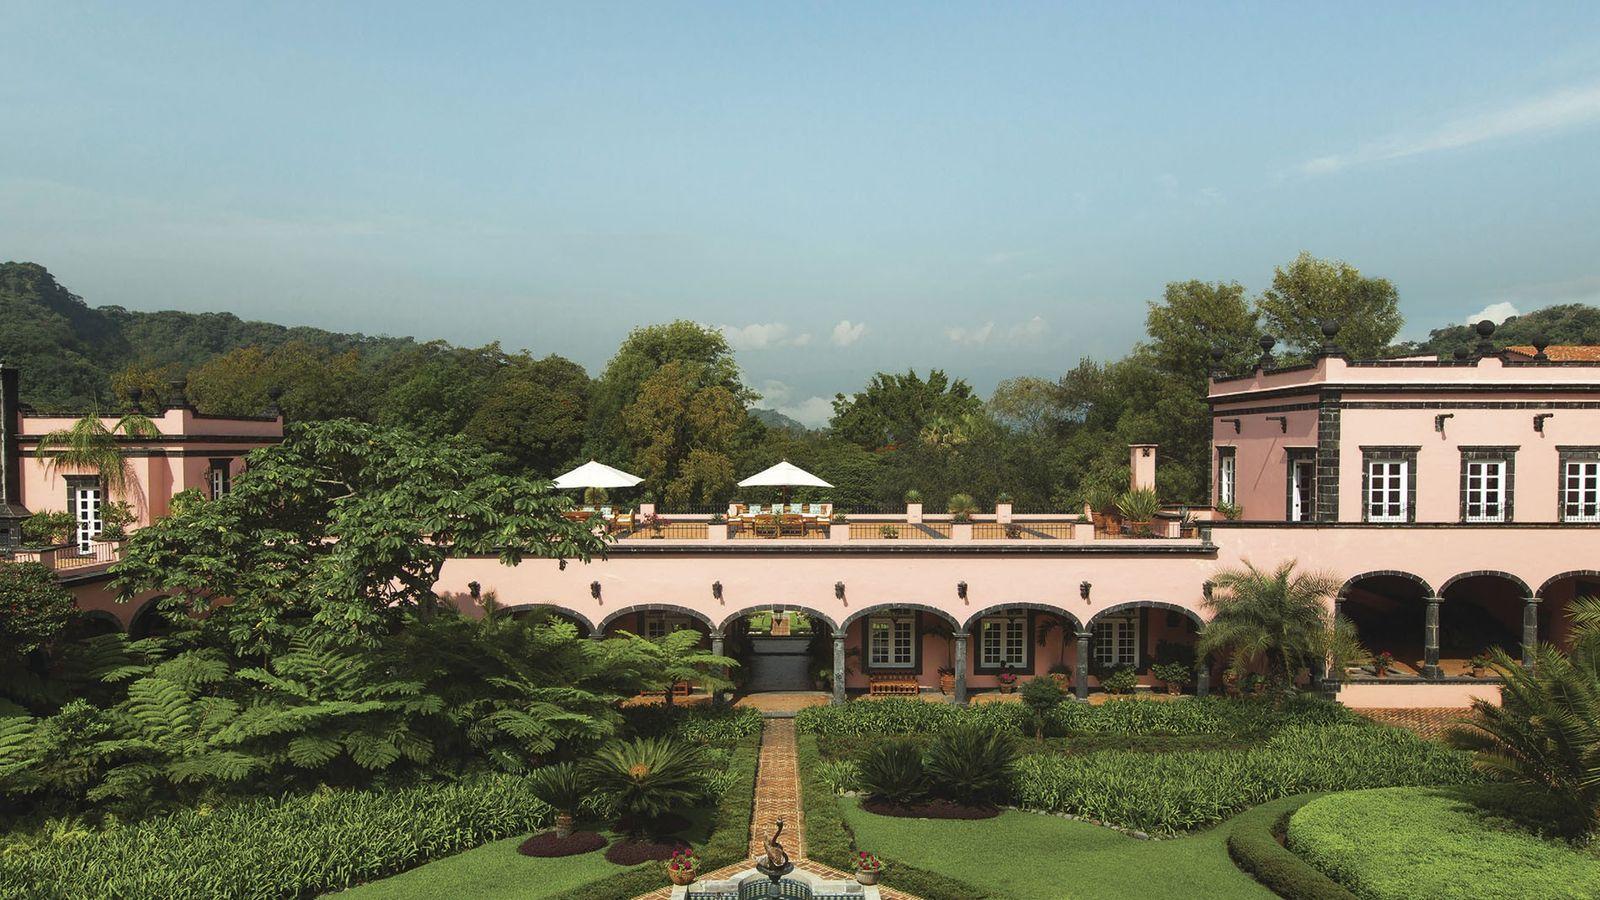 Cuixmala and the Hacienda de San Antonio